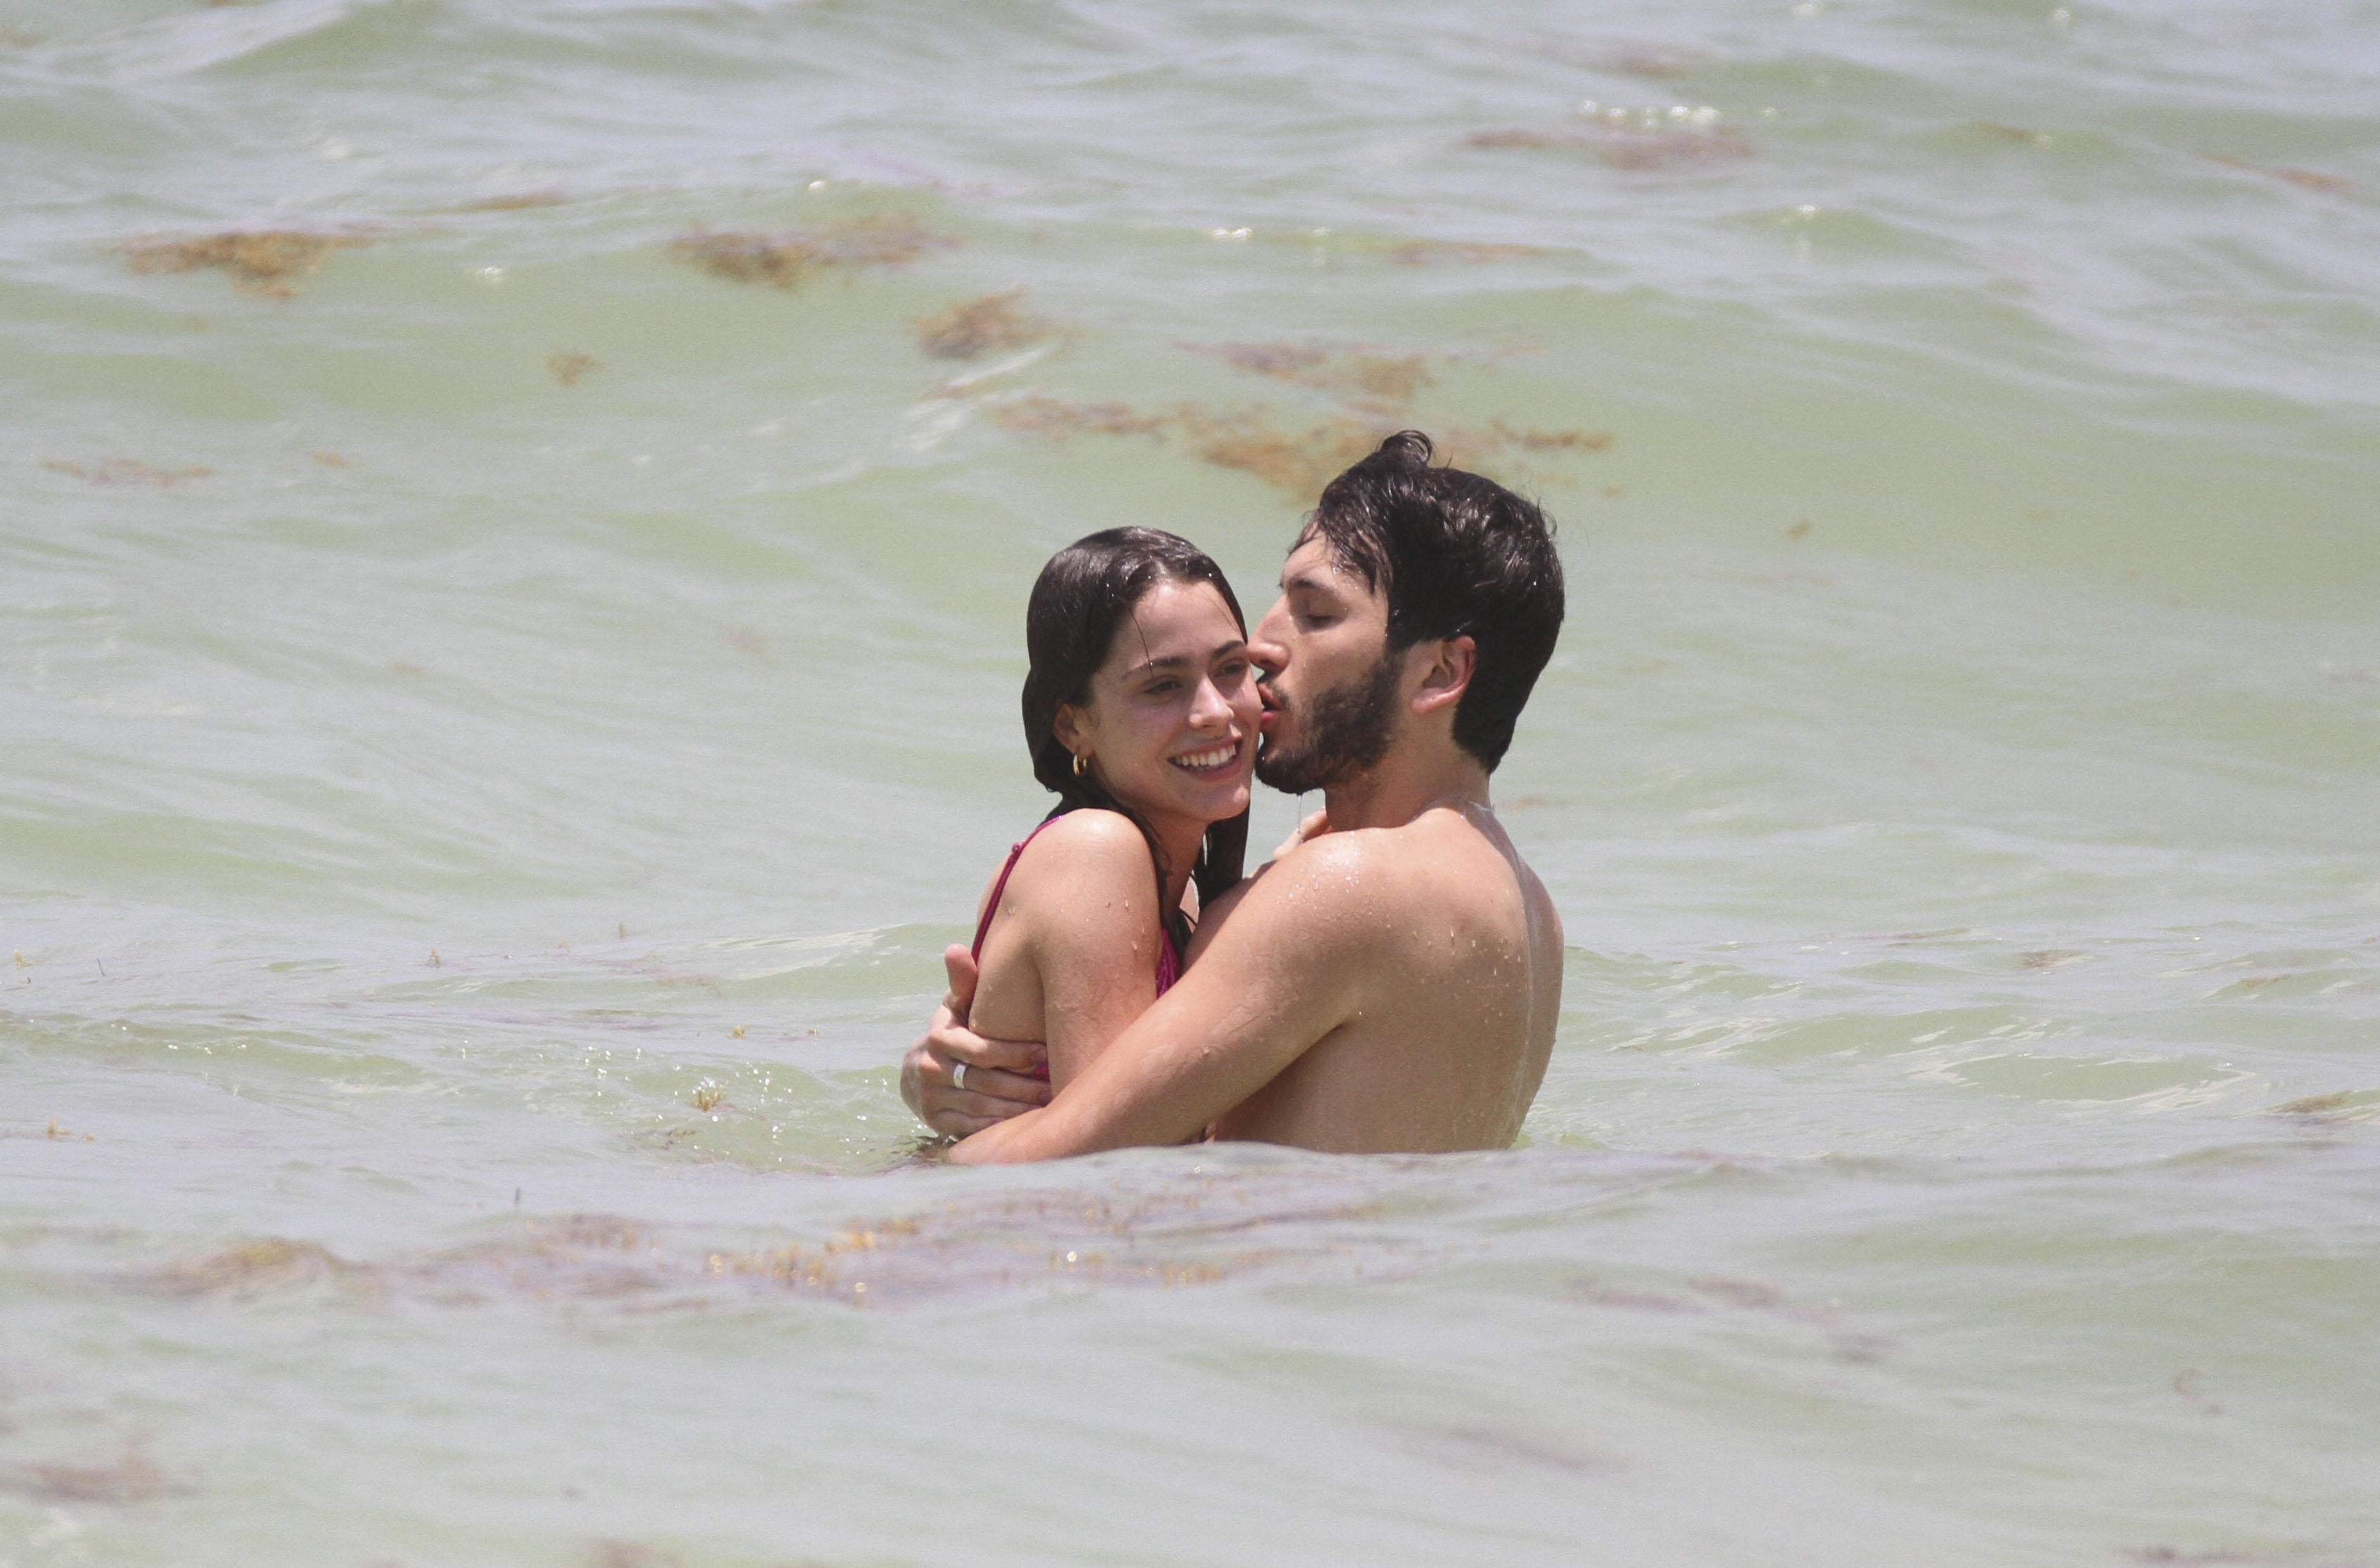 Sebastián Yatra y Tini Stoessel vacaciones en Tulum, Mexico